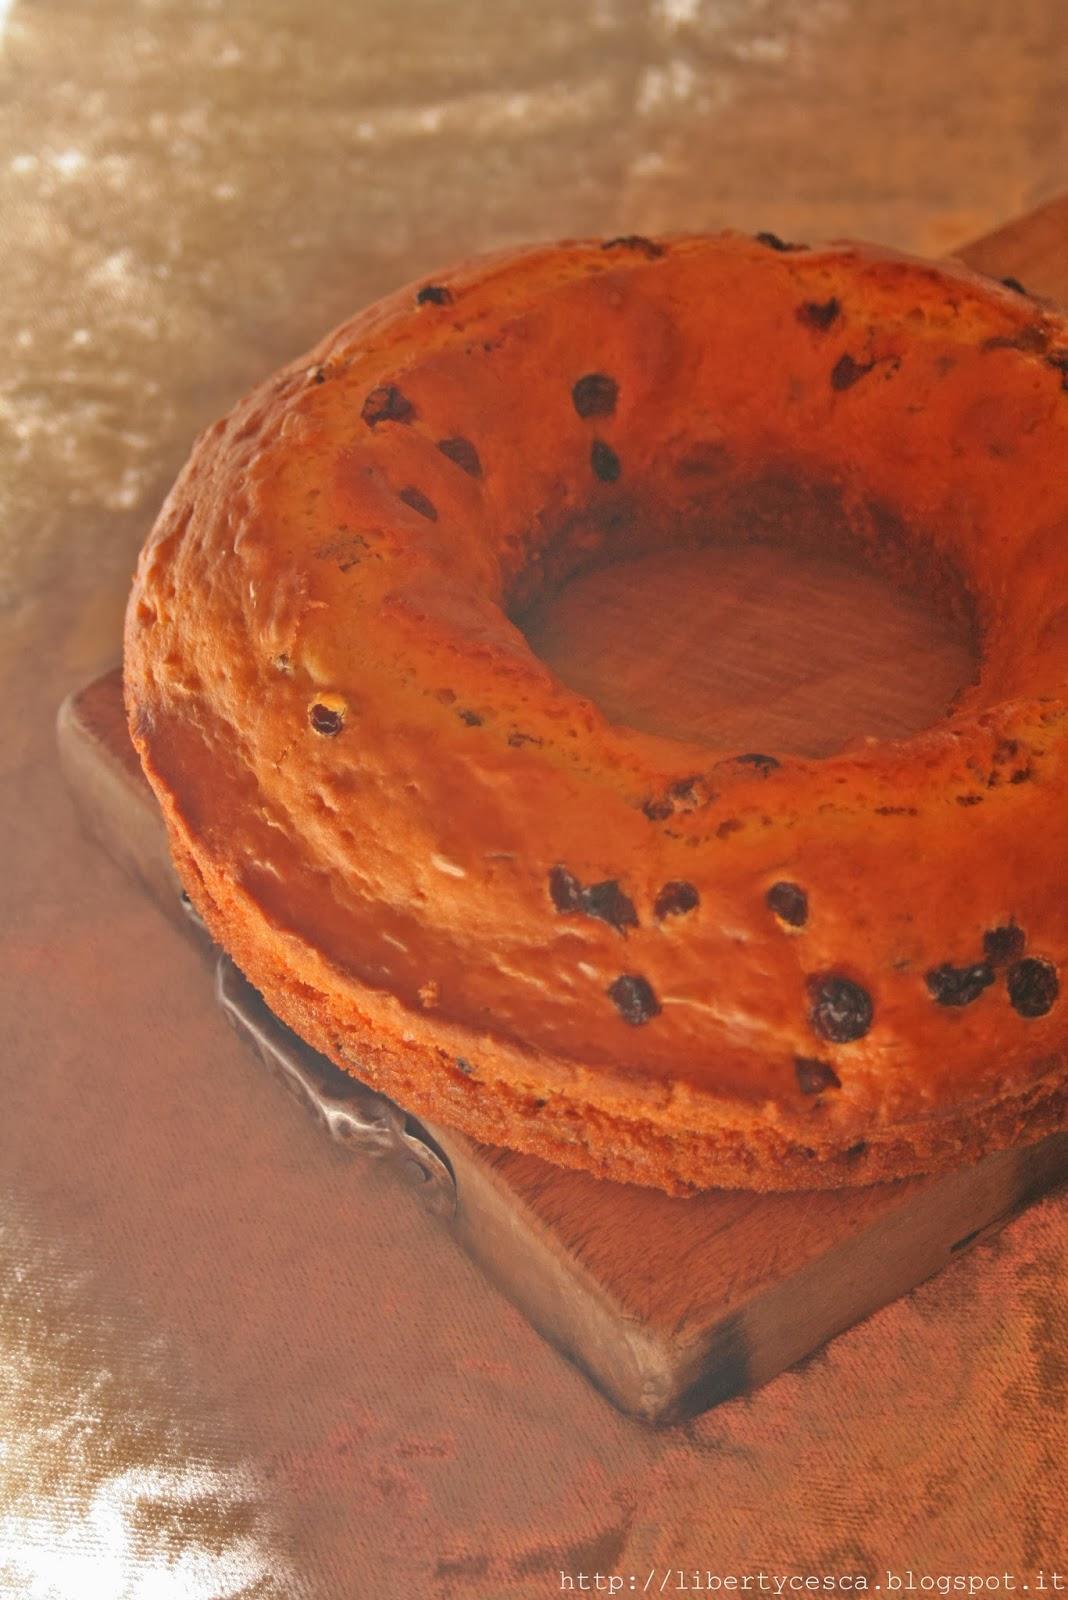 ciambella con uvetta e bacche di goji / bundt cake with raisins and goji berries